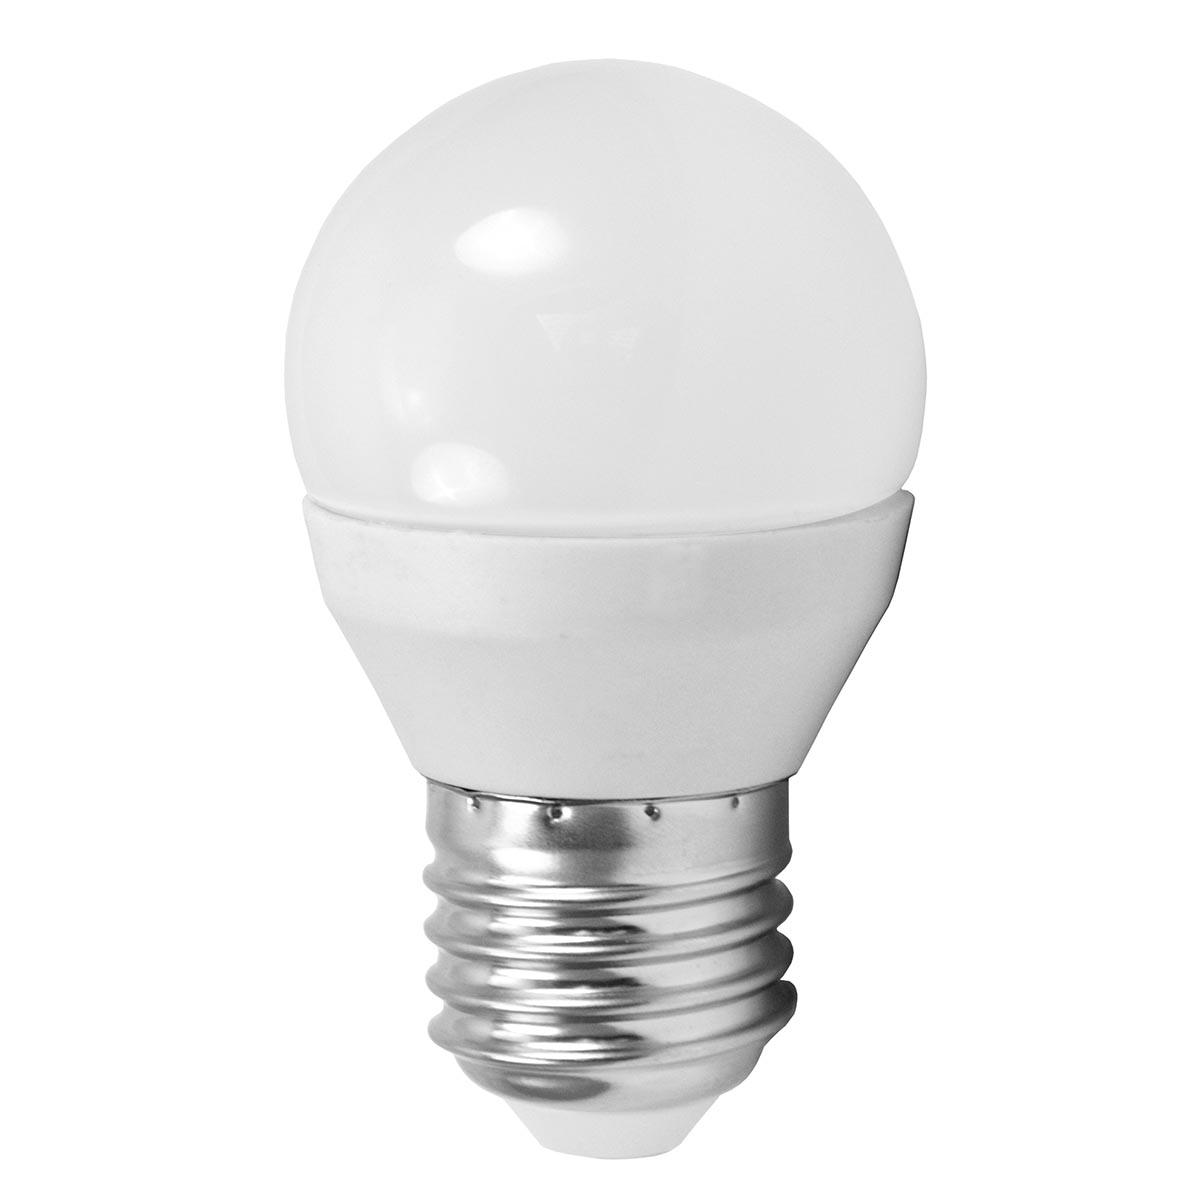 Лампочка Eglo, Белый, 10764 LM_LED_E27